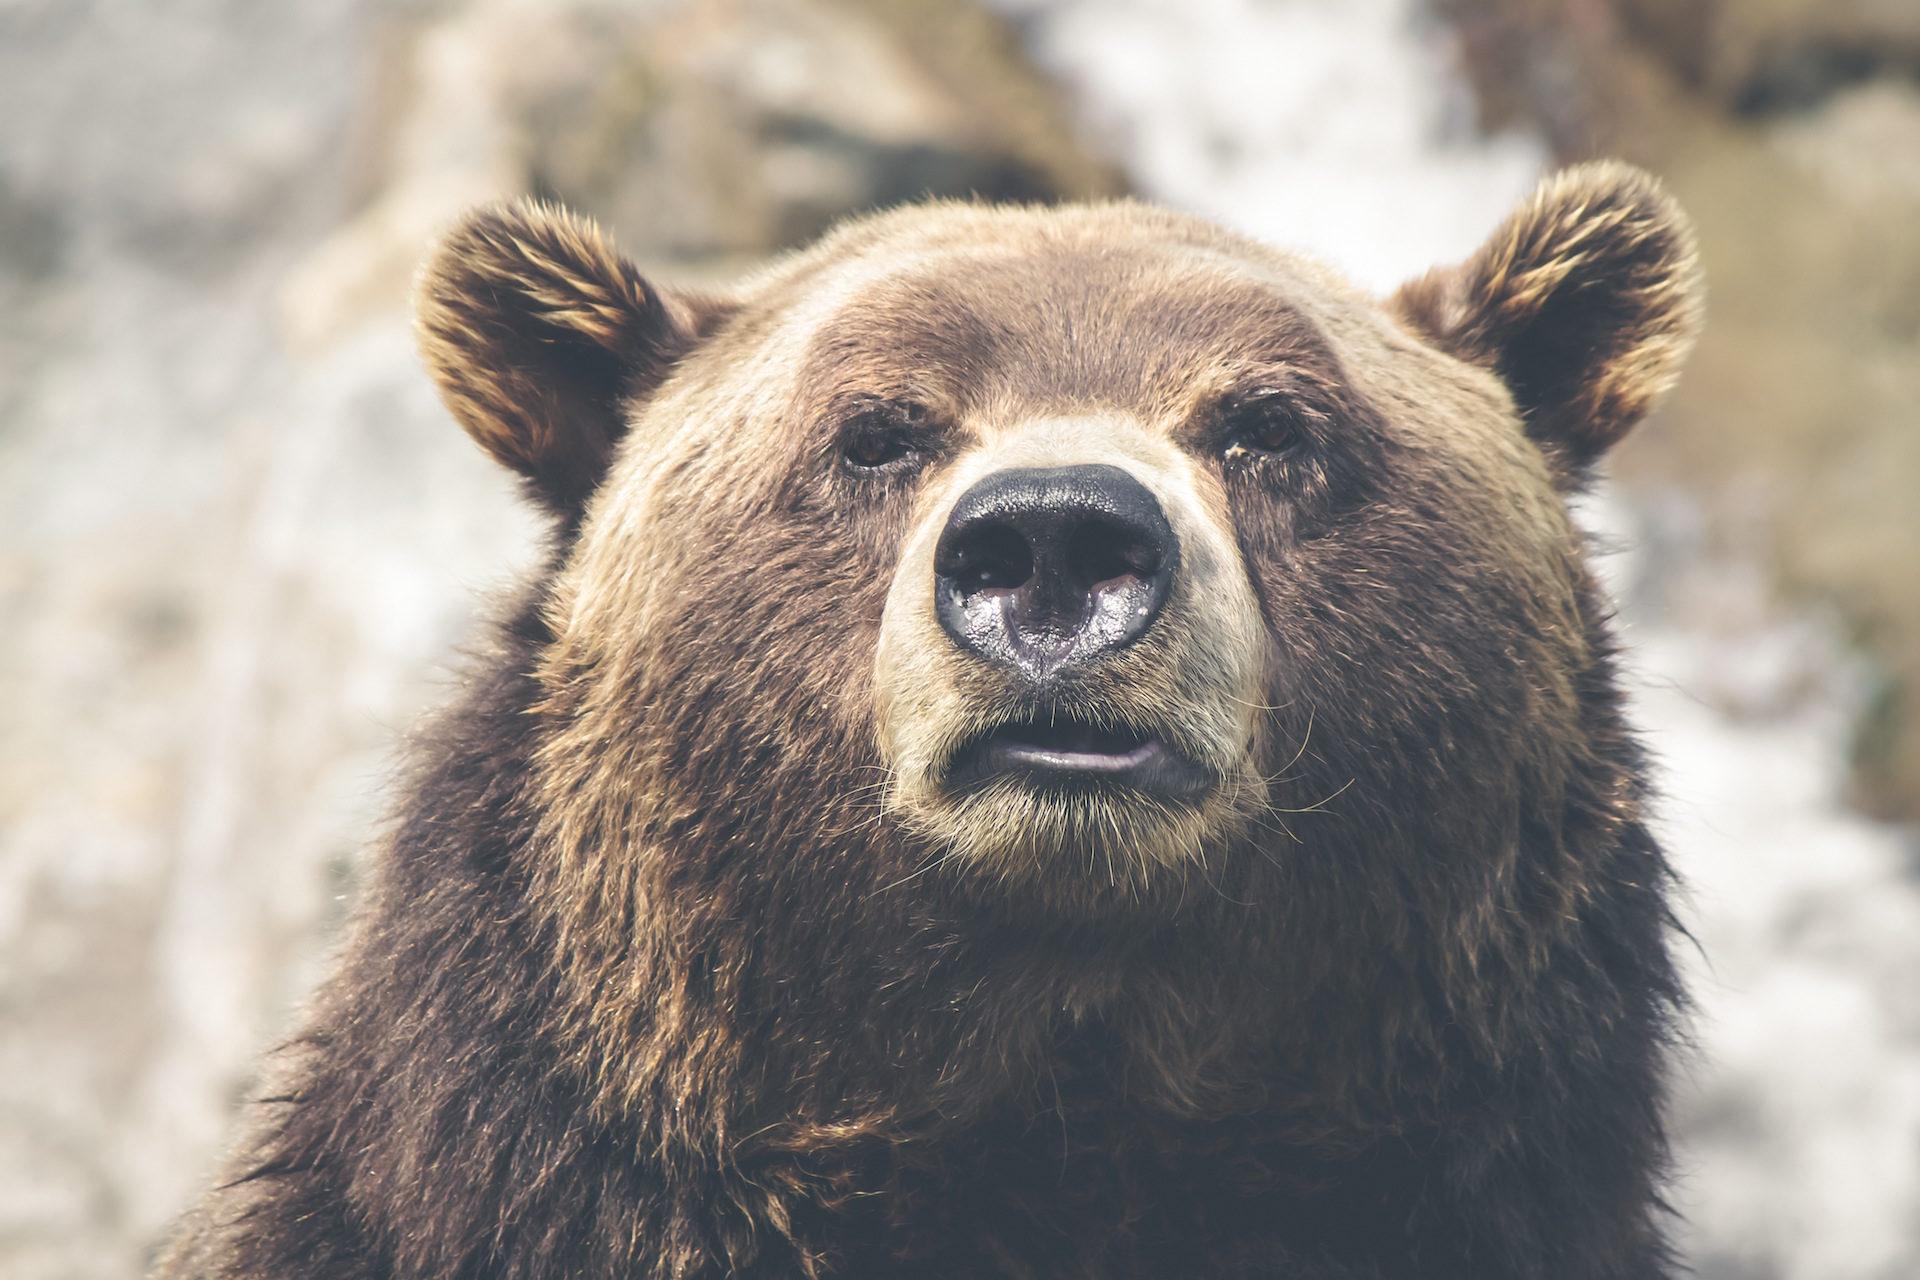 熊, 帕尔多, 看看, 鼻子, 野生 - 高清壁纸 - 教授-falken.com